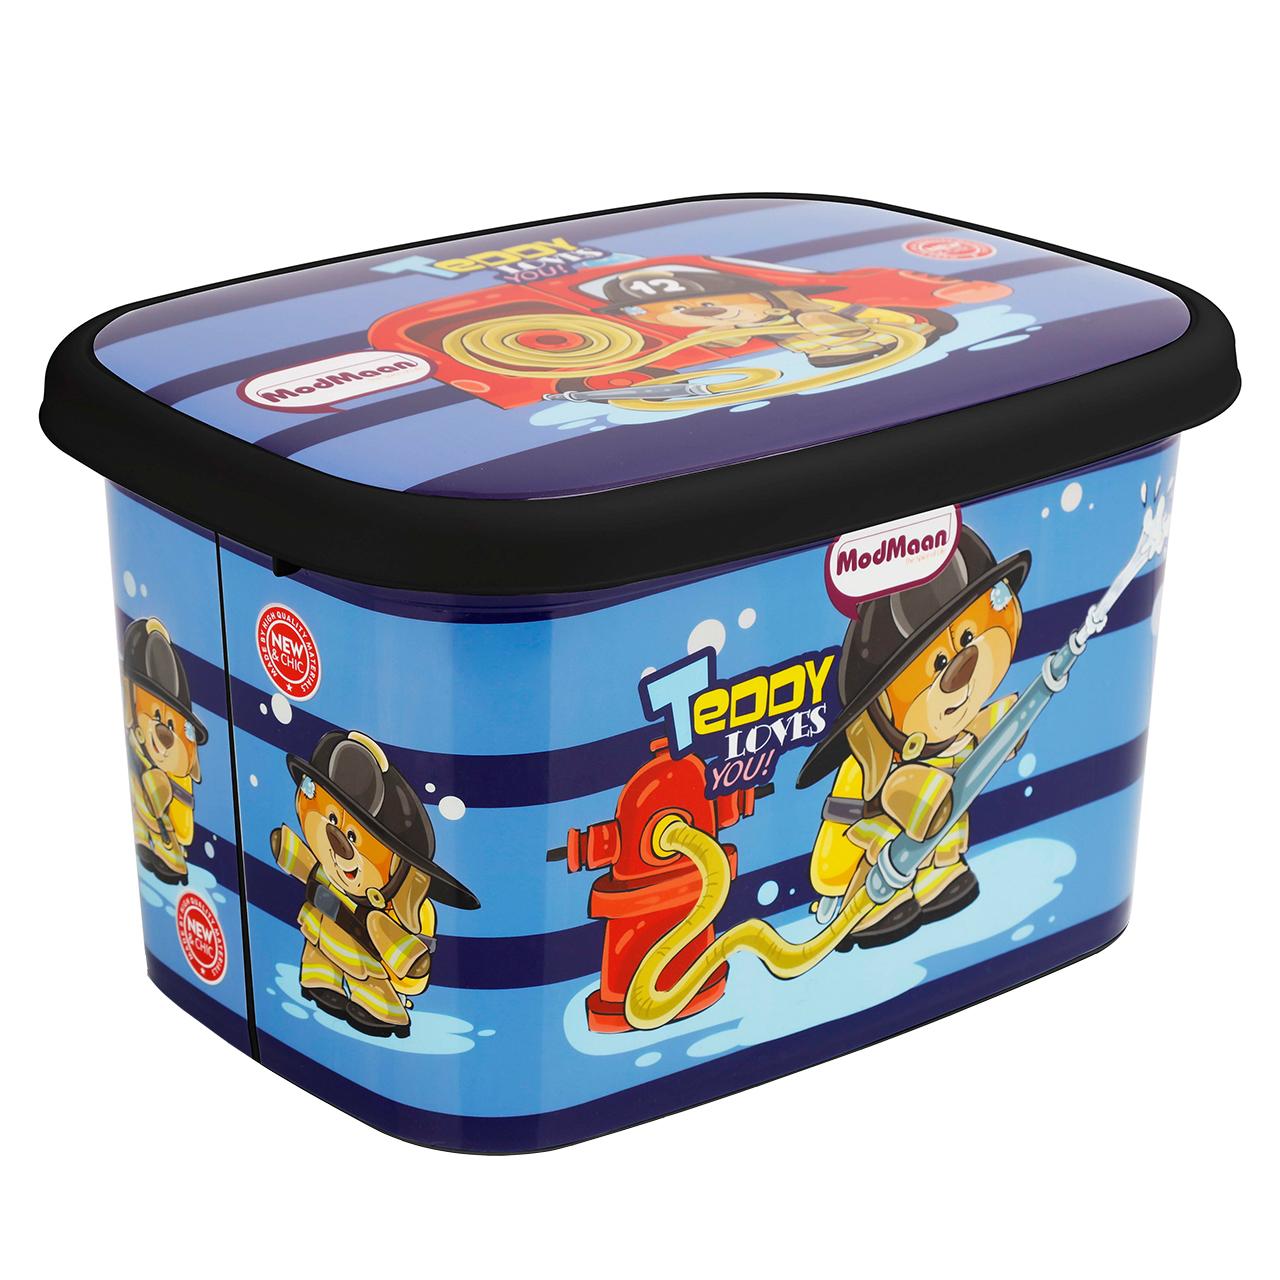 جعبه اسباب بازی کودک مدمان طرح بلک خرس آتش نشان کد3